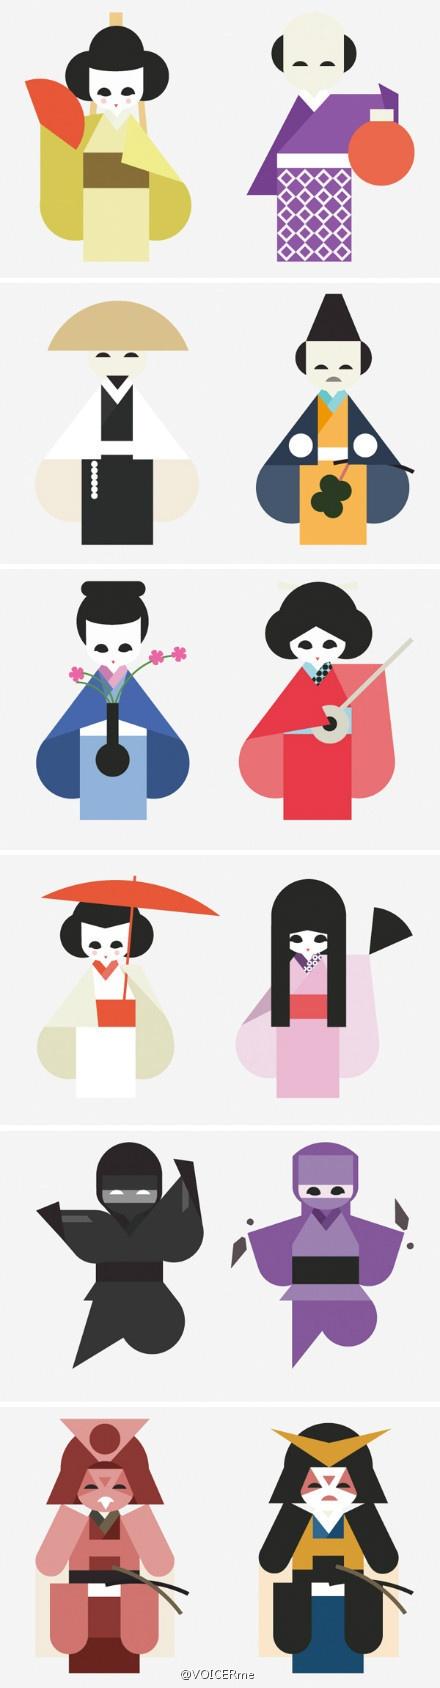 插画 | 巴塞罗那的Hey设计工作室带来的12个日本传统角色插画。